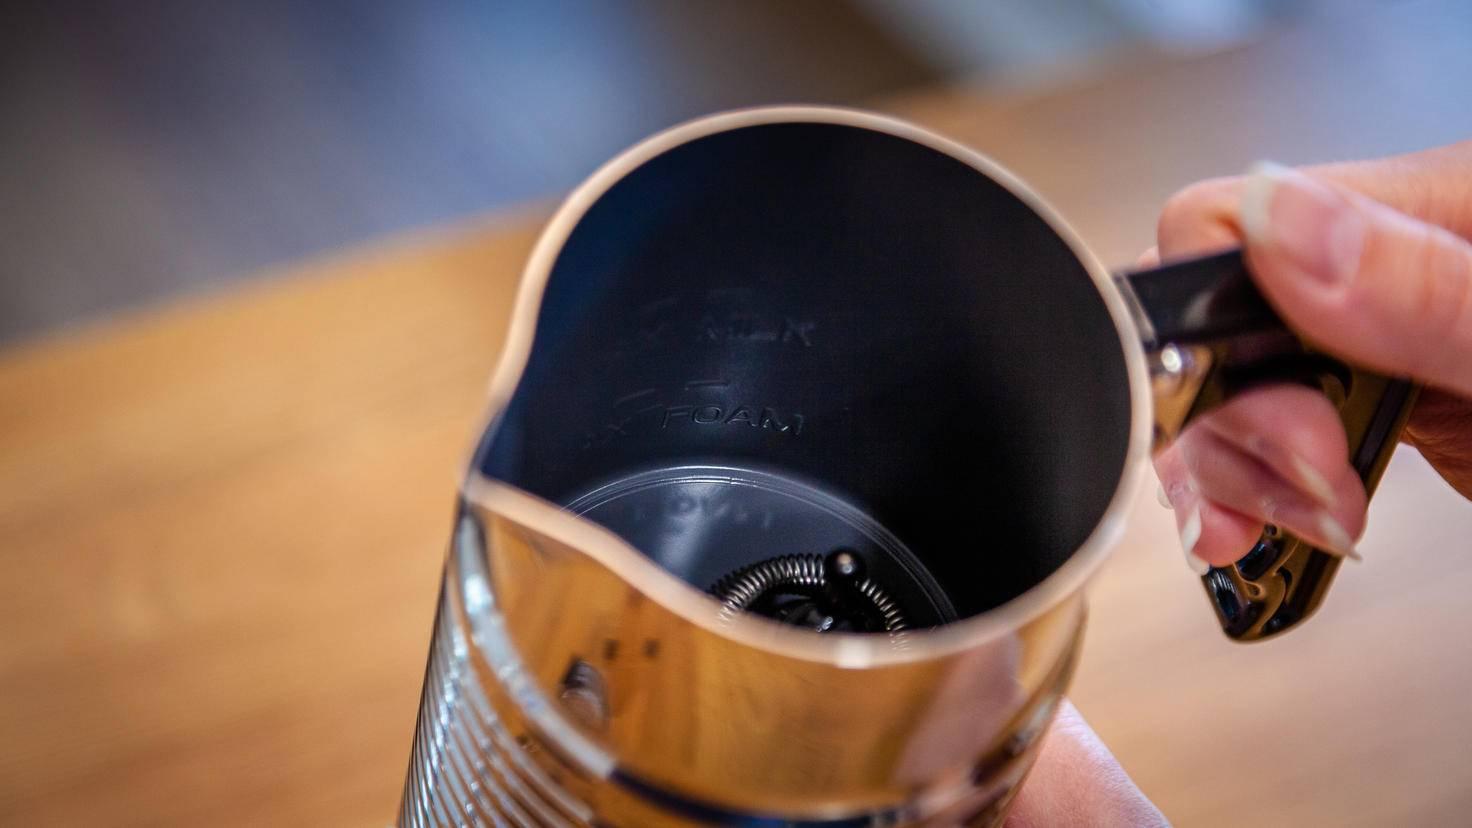 In Sachen Füllmenge bewältigt das Gerät ein bis zwei Tassen.